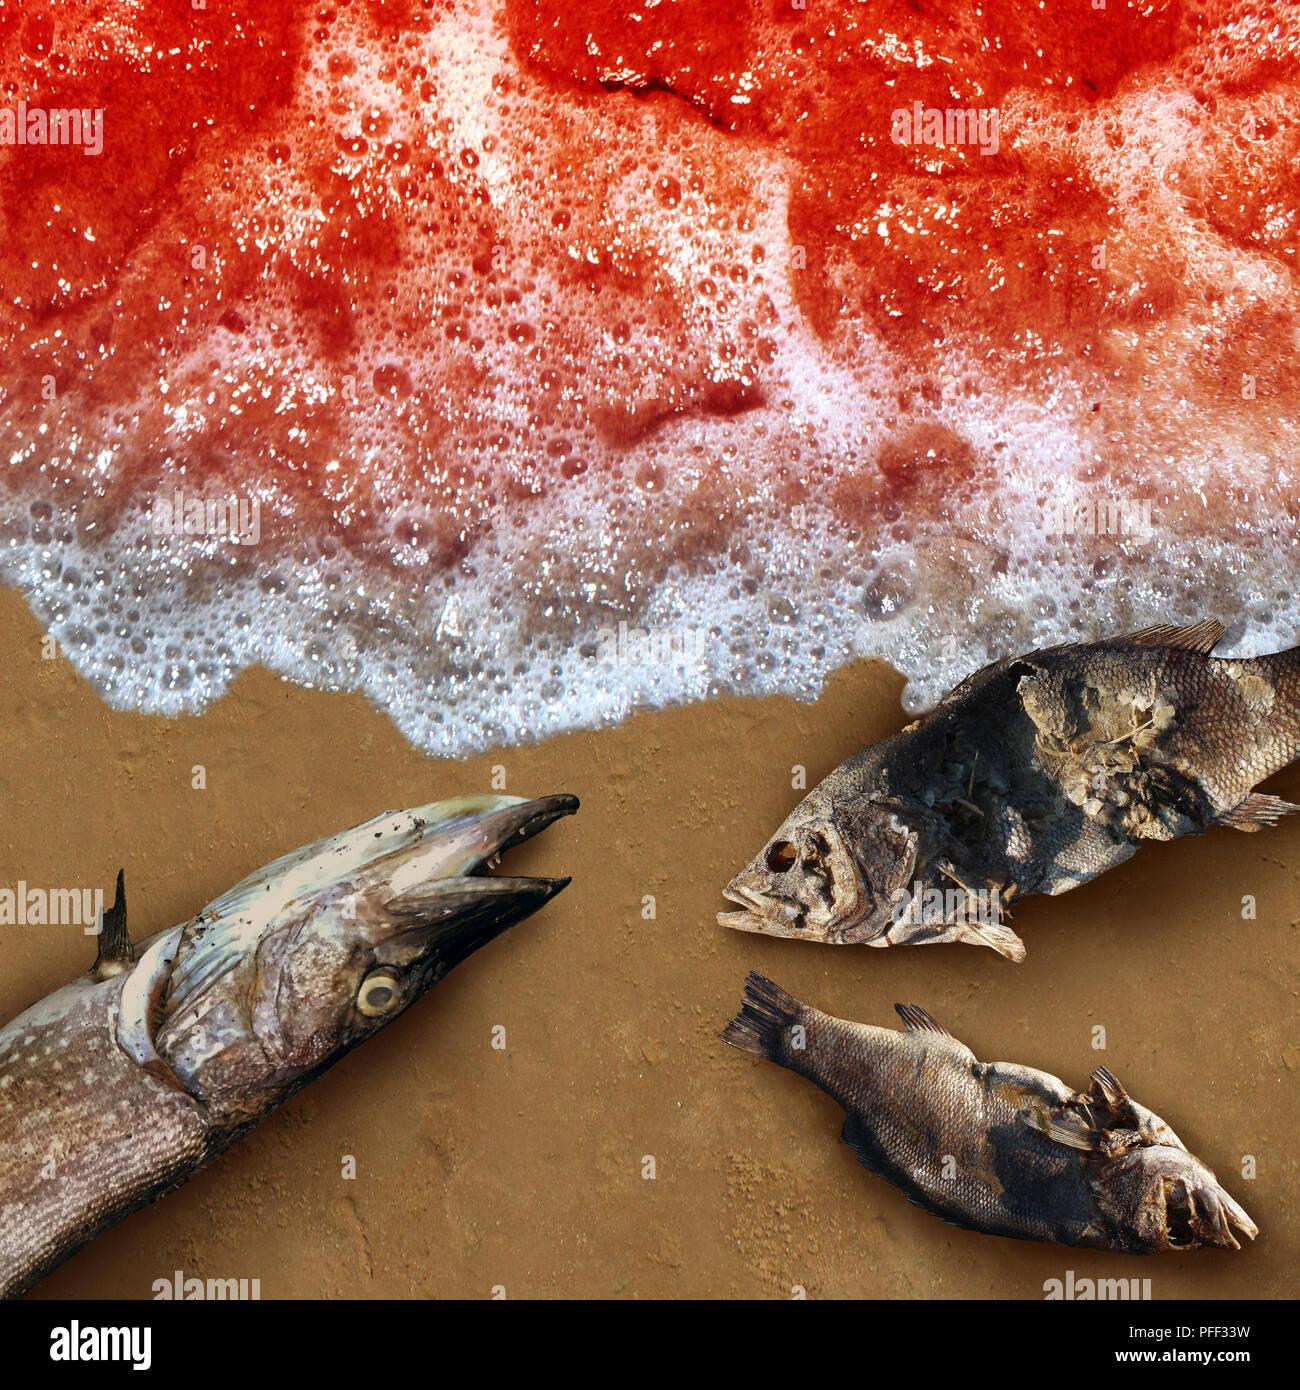 Las algas de la marea roja mortal toxina natural encontrado en el océano o mar como concepto de muerte la vida marina como conceptual en 3D de una ilustración de estilo. Imagen De Stock